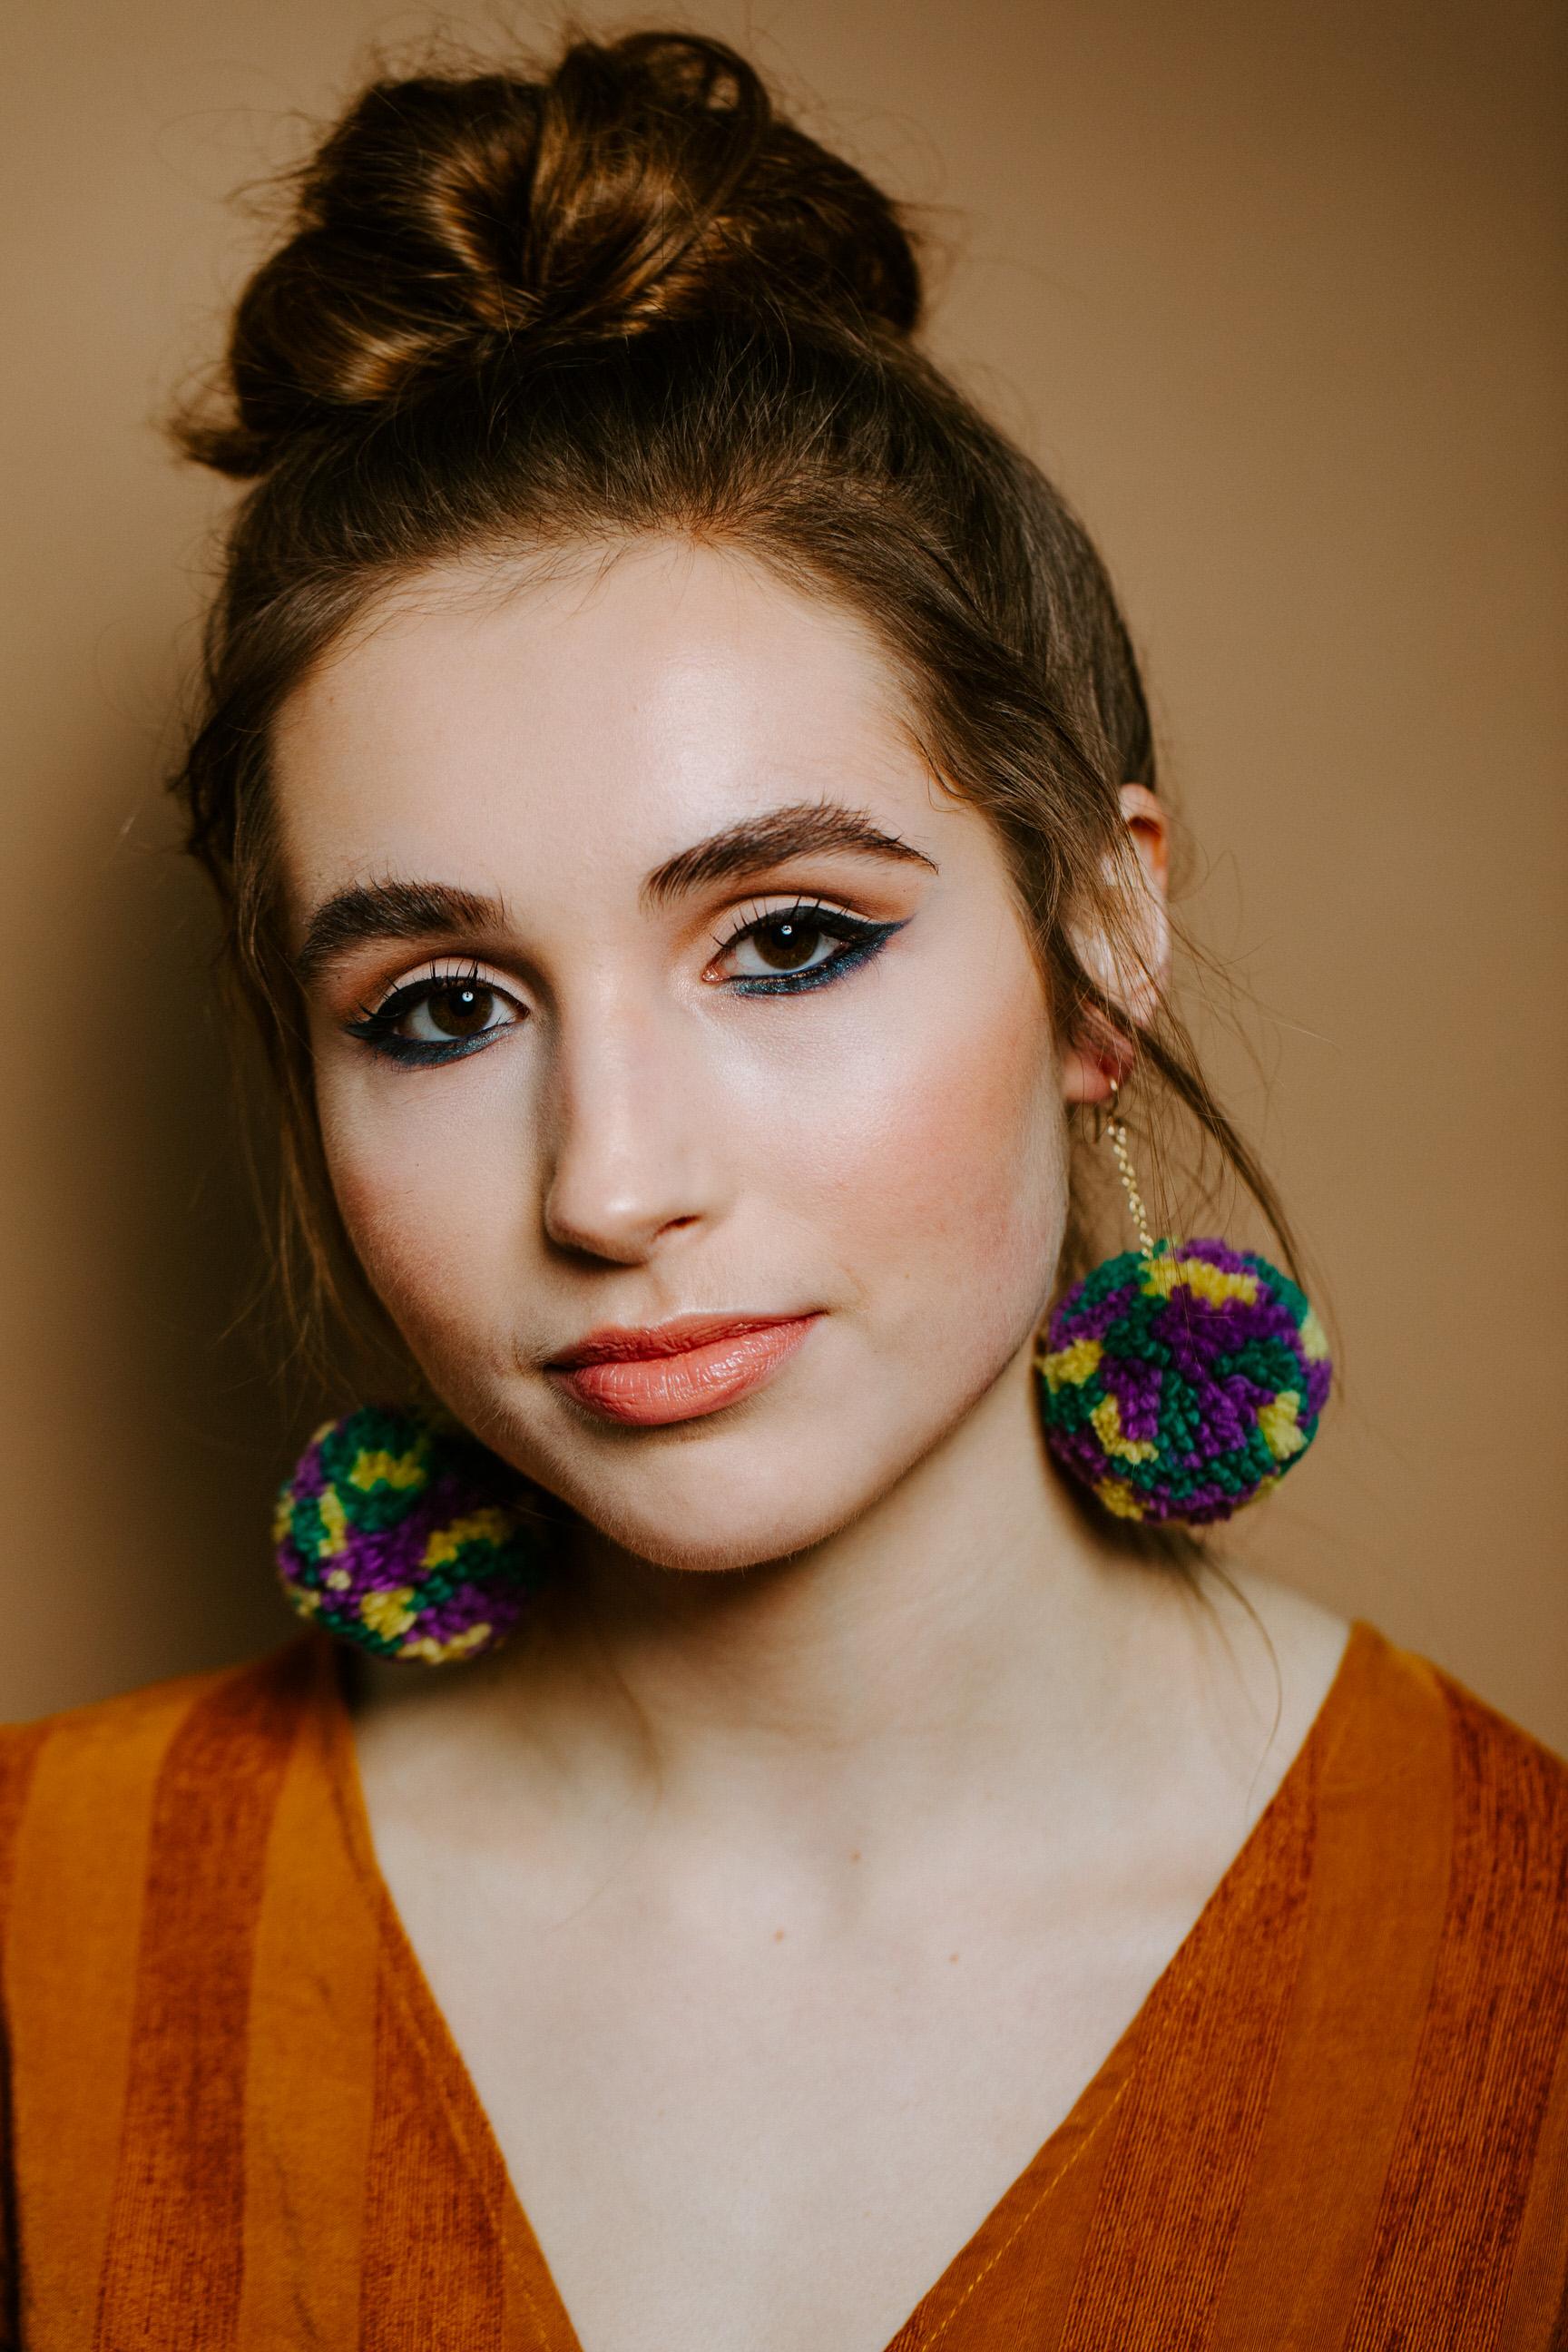 rebekah-earrings-8481.jpg